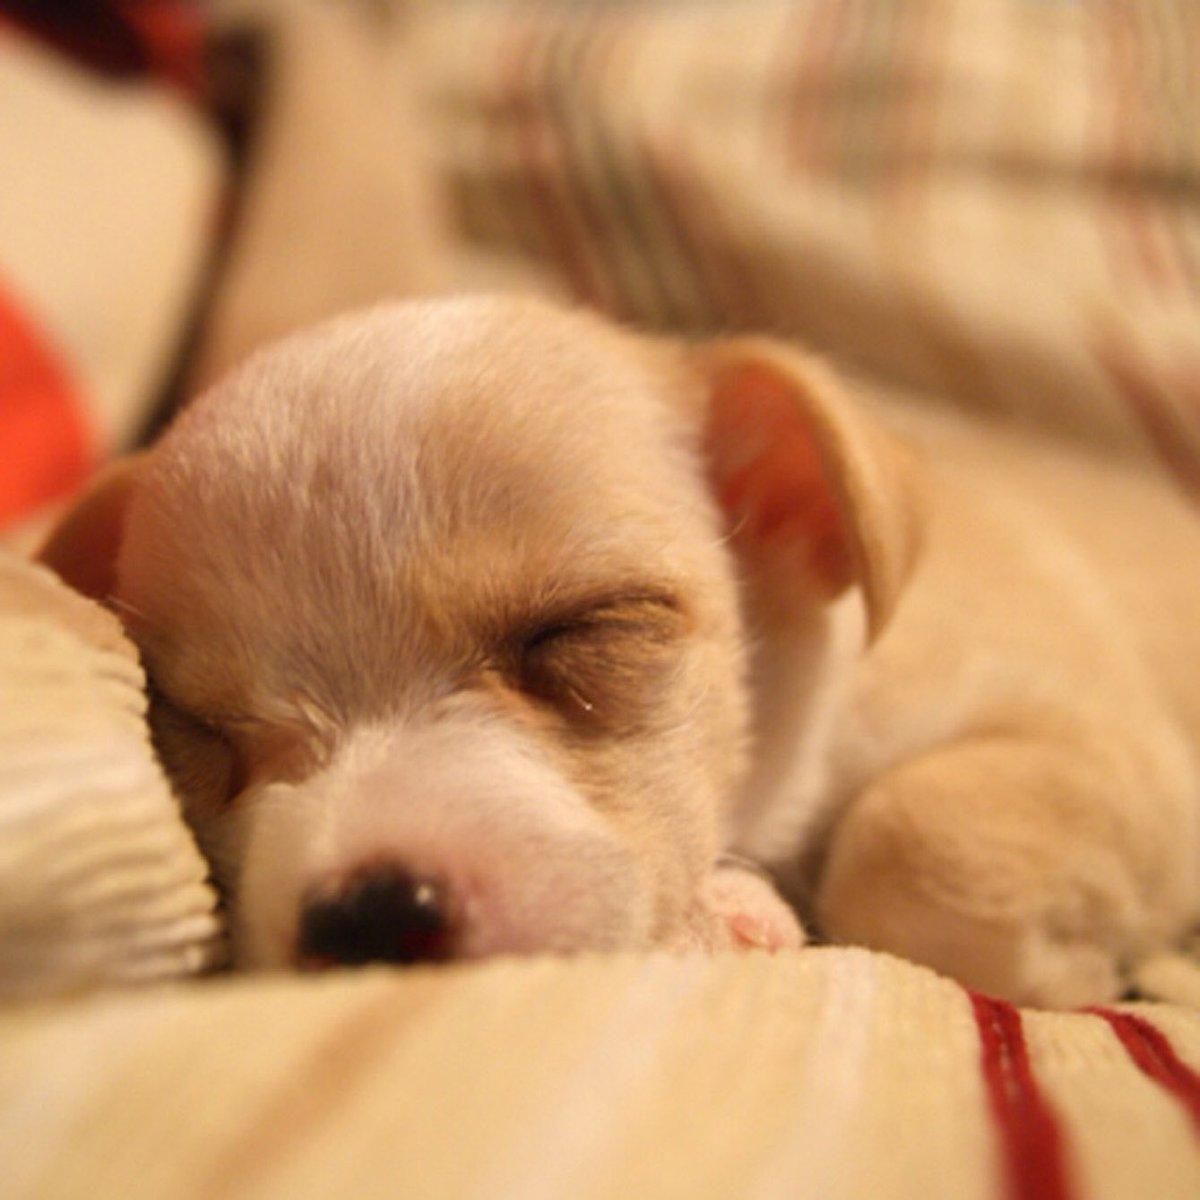 かわいいわんちゃん♪ #ハニーペット #HONEYPET #honeypet #犬 #ふわもこ部 #愛犬 #わんこ #いぬすたぐらむ #いぬ #ペット #犬のいる暮らし #ワンコ #イヌ #いぬのきもち #こいぬ #dog #dogsofinstagram #puppy #pet  #instagood #follow #followme https://t.co/56n2YOtvng